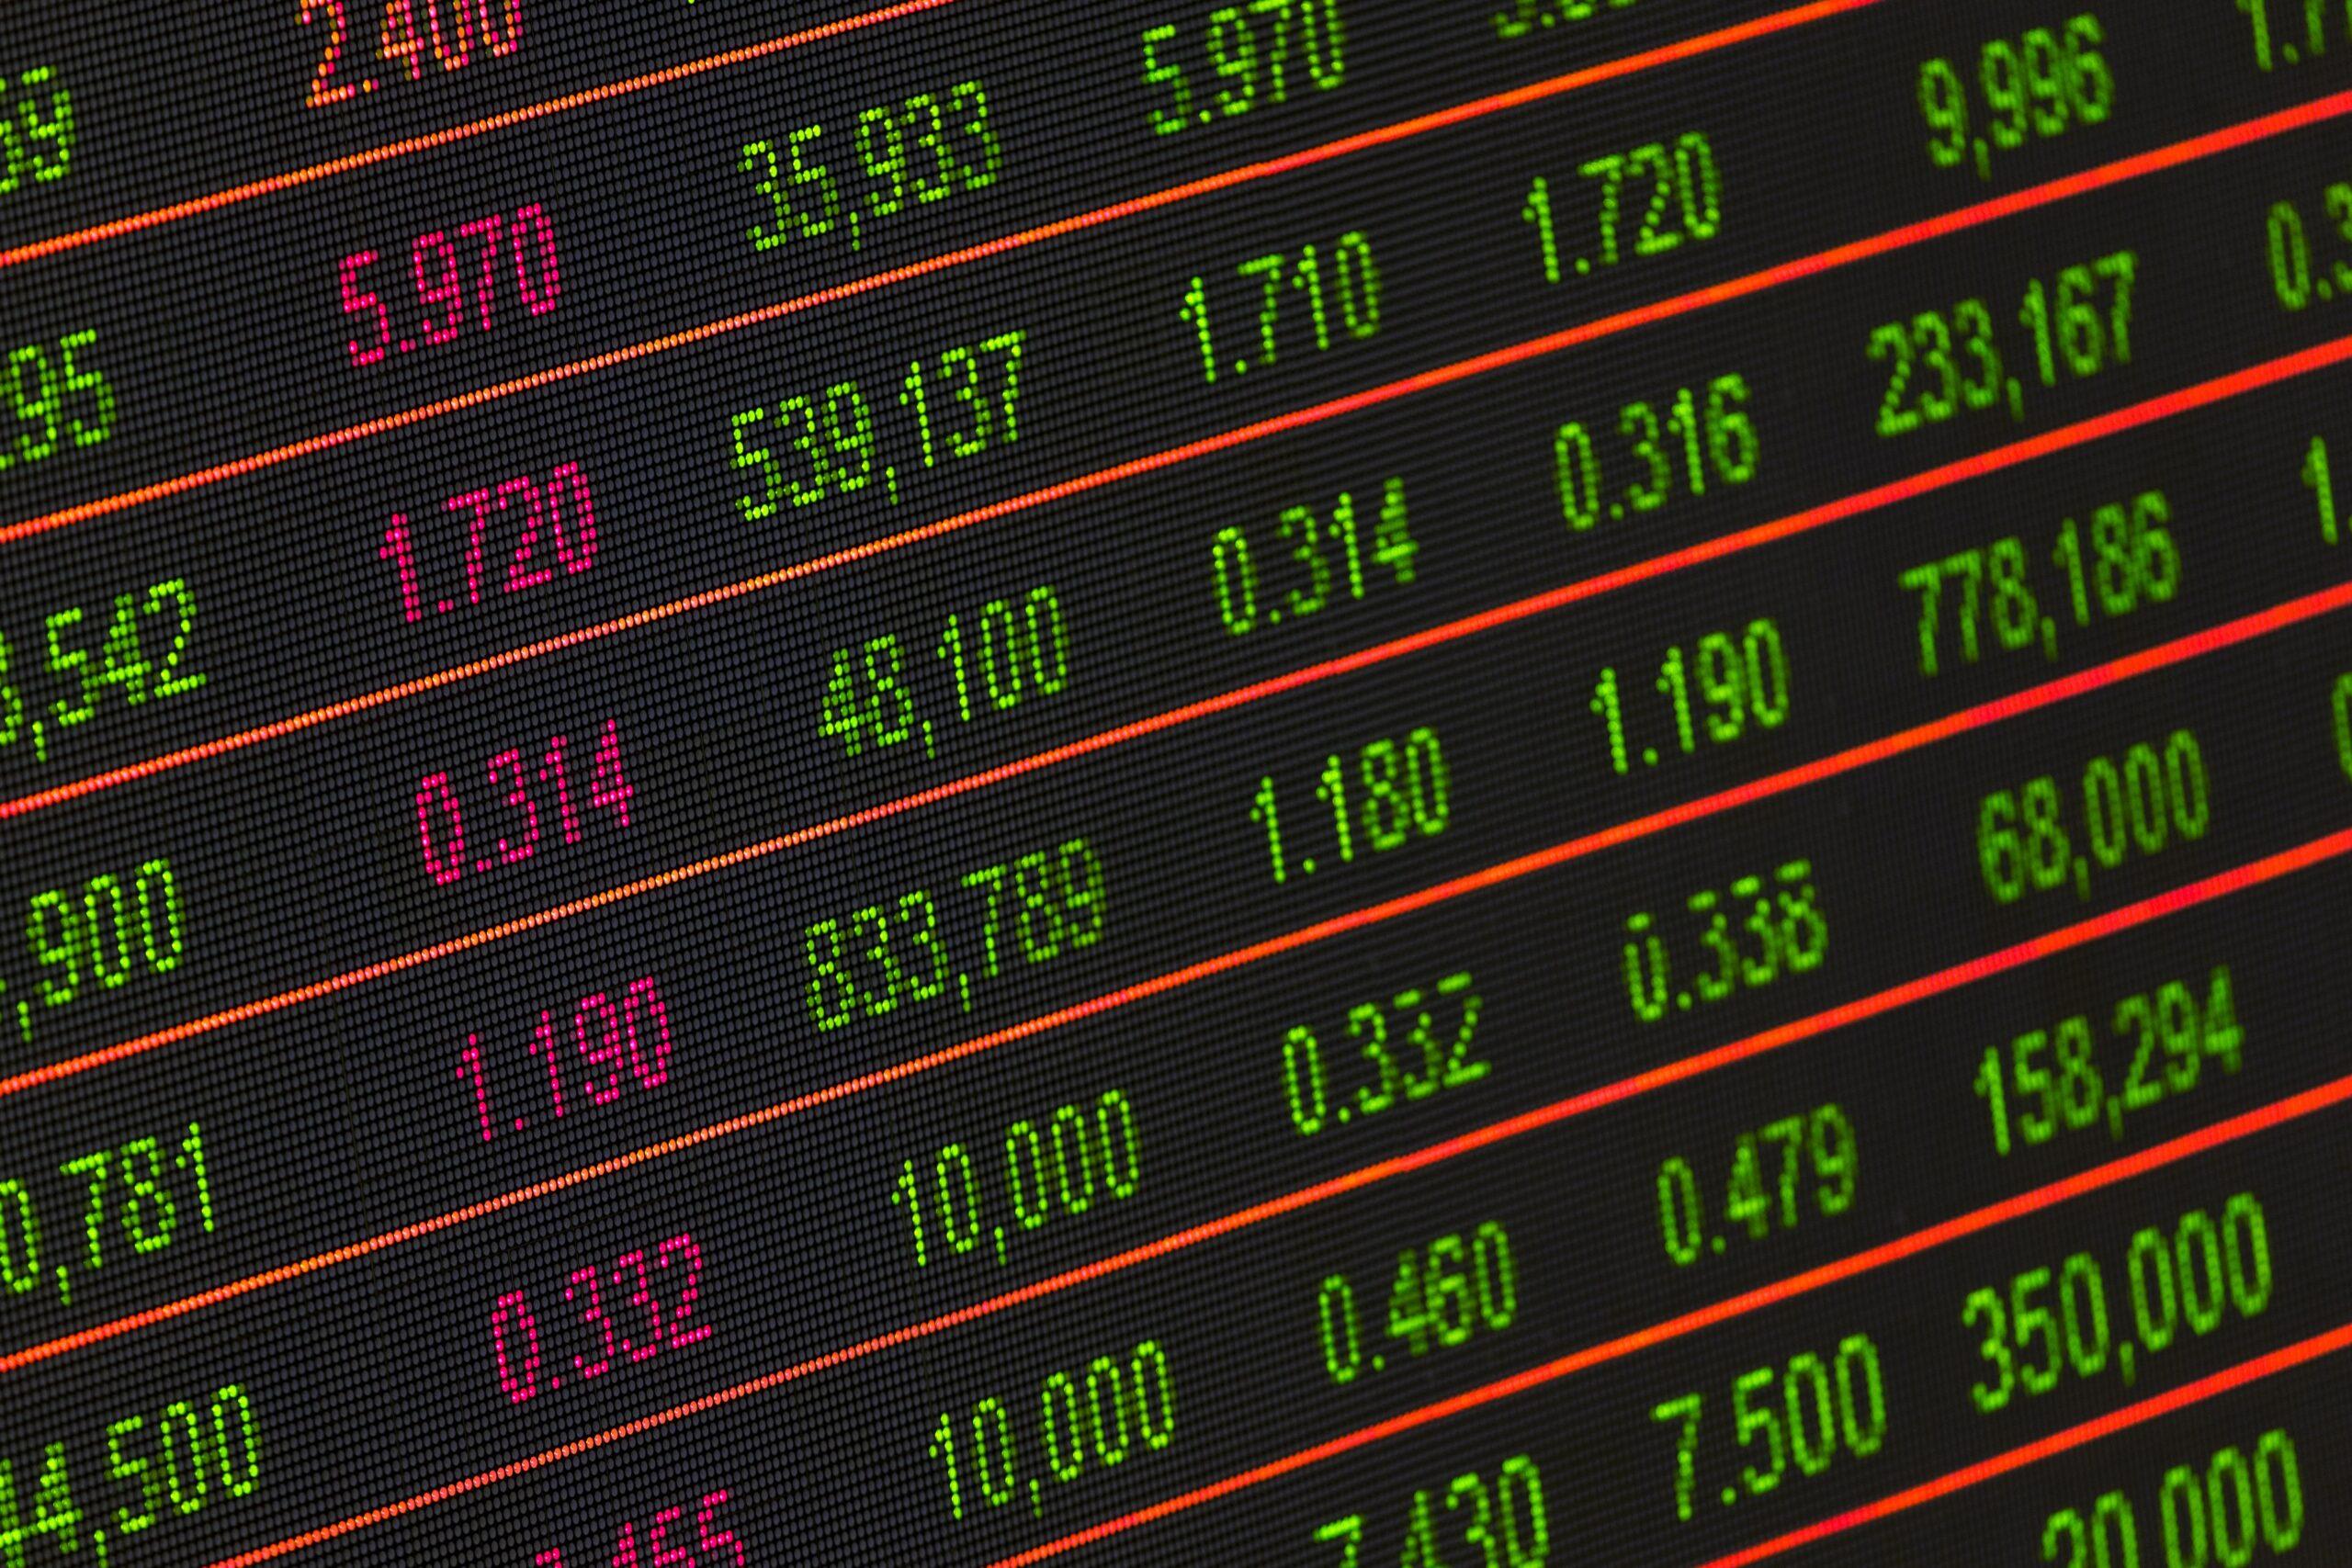 ヘッジファンドと投資信託の違い比較表!意味や資産運用の特徴はどう違う?